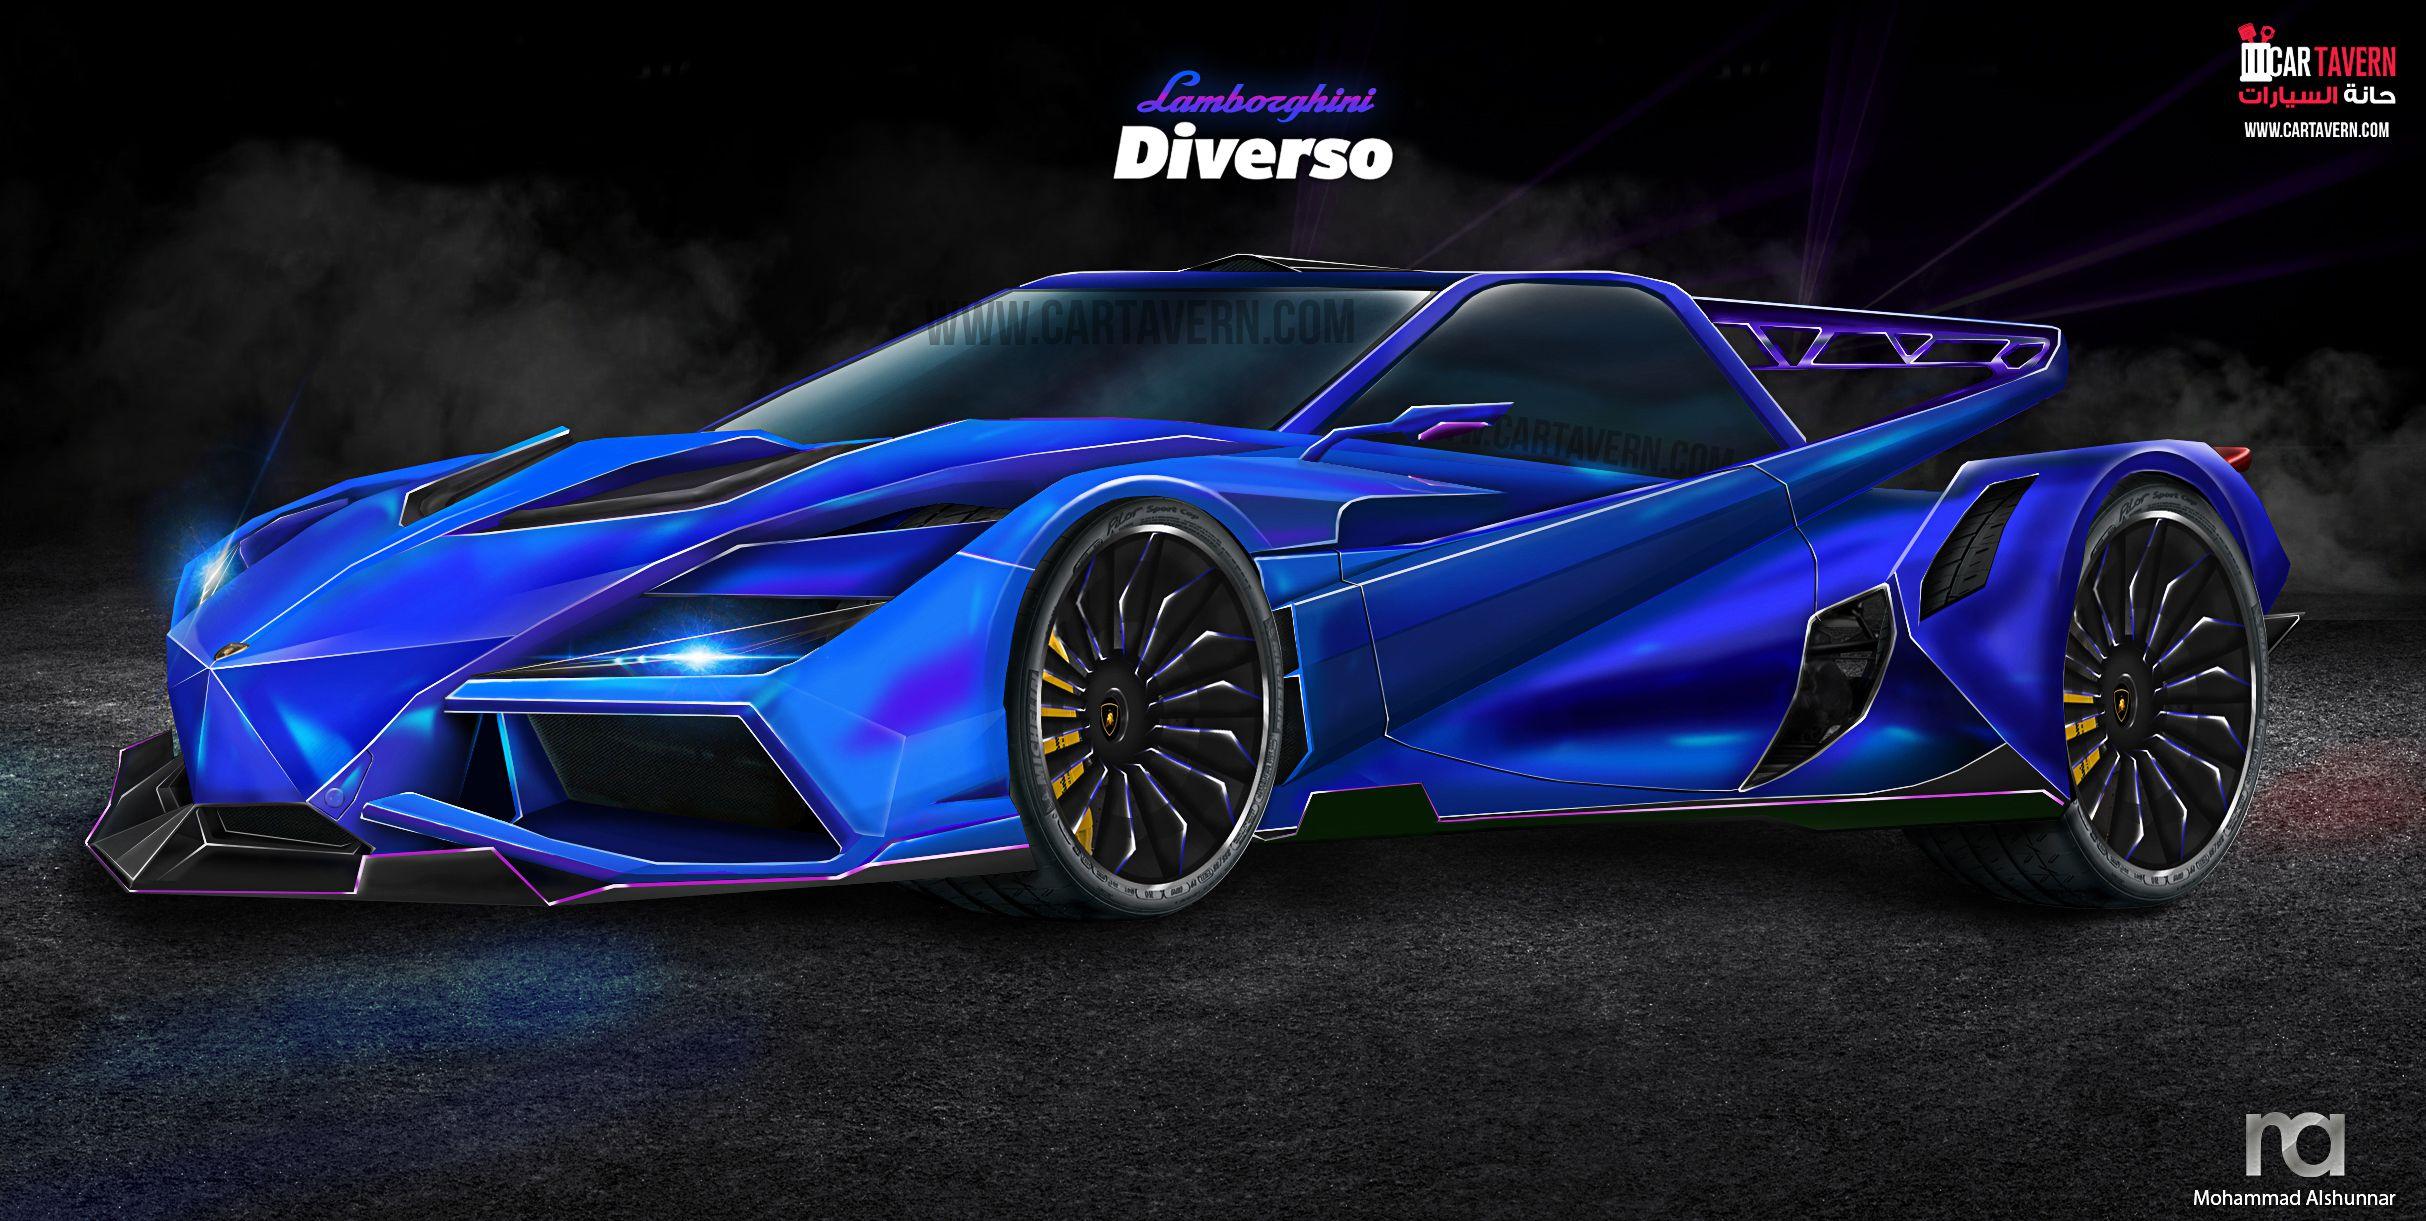 The Lamborghini Diverso Concept Car Tavern Future Mega Car Concept Cars Lamborghini Latest Cars